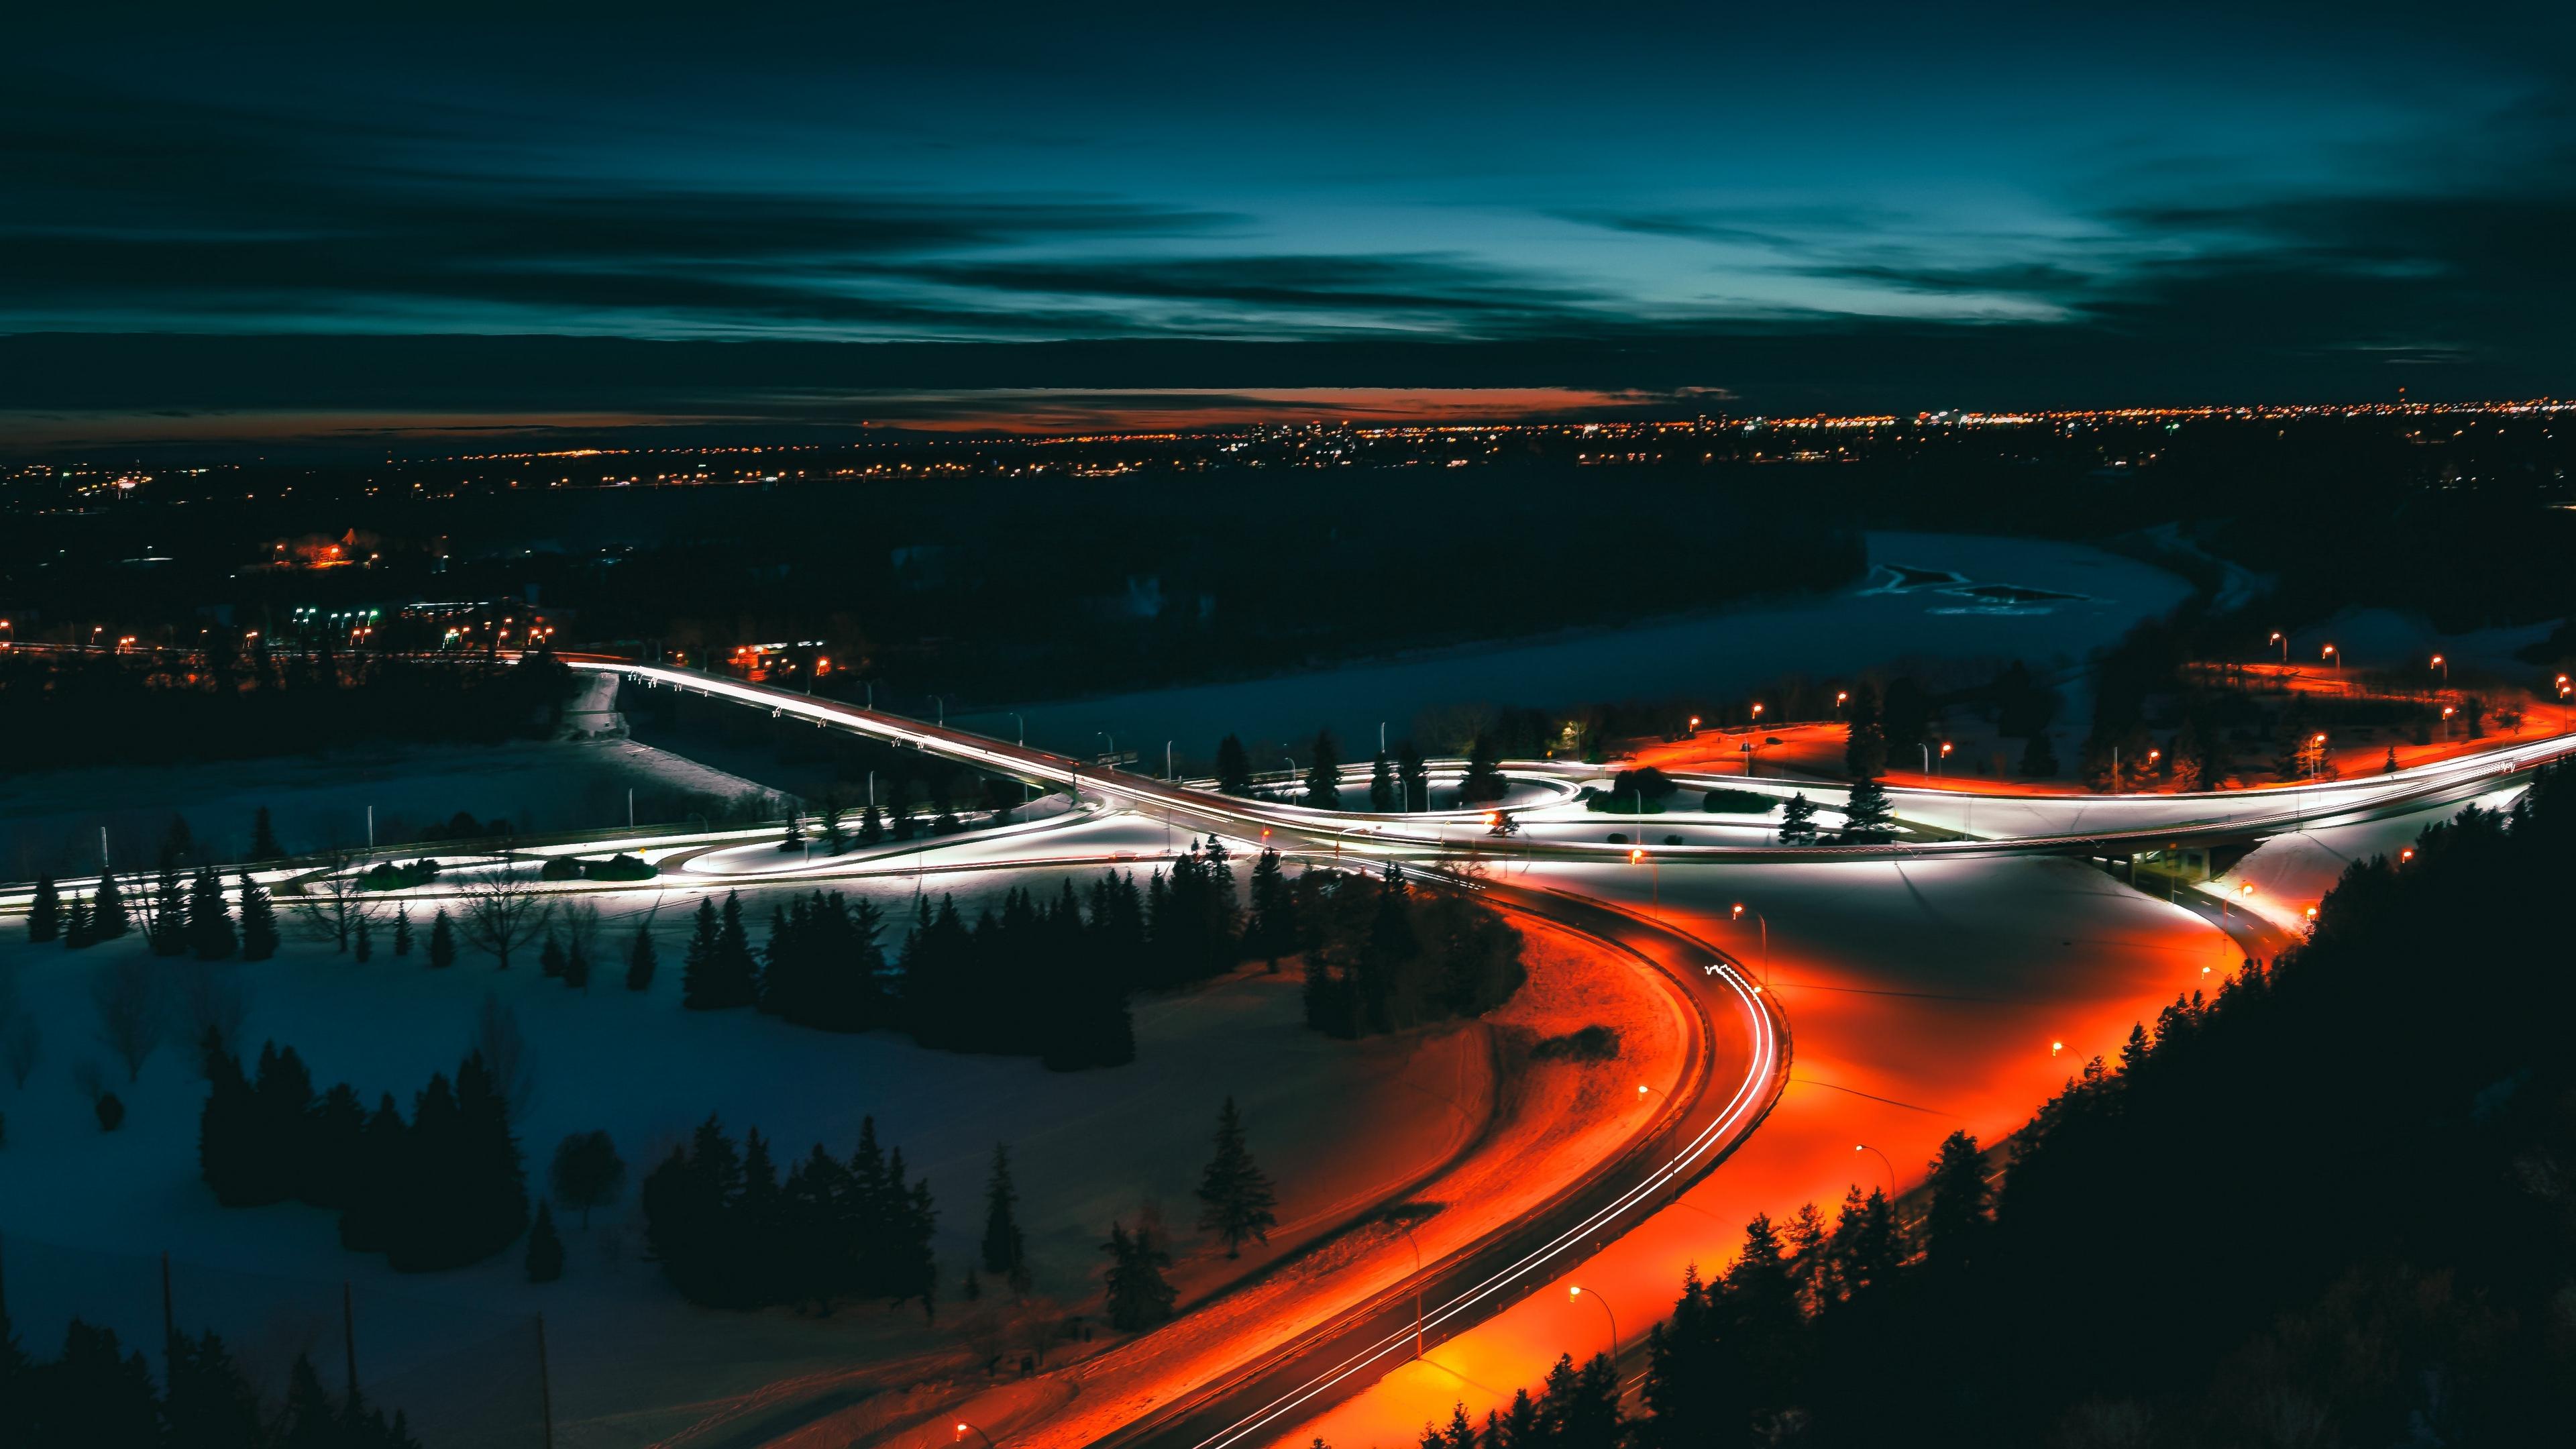 edmonton canada night city top view 4k 1538068053 - edmonton, canada, night city, top view 4k - night city, edmonton, Canada